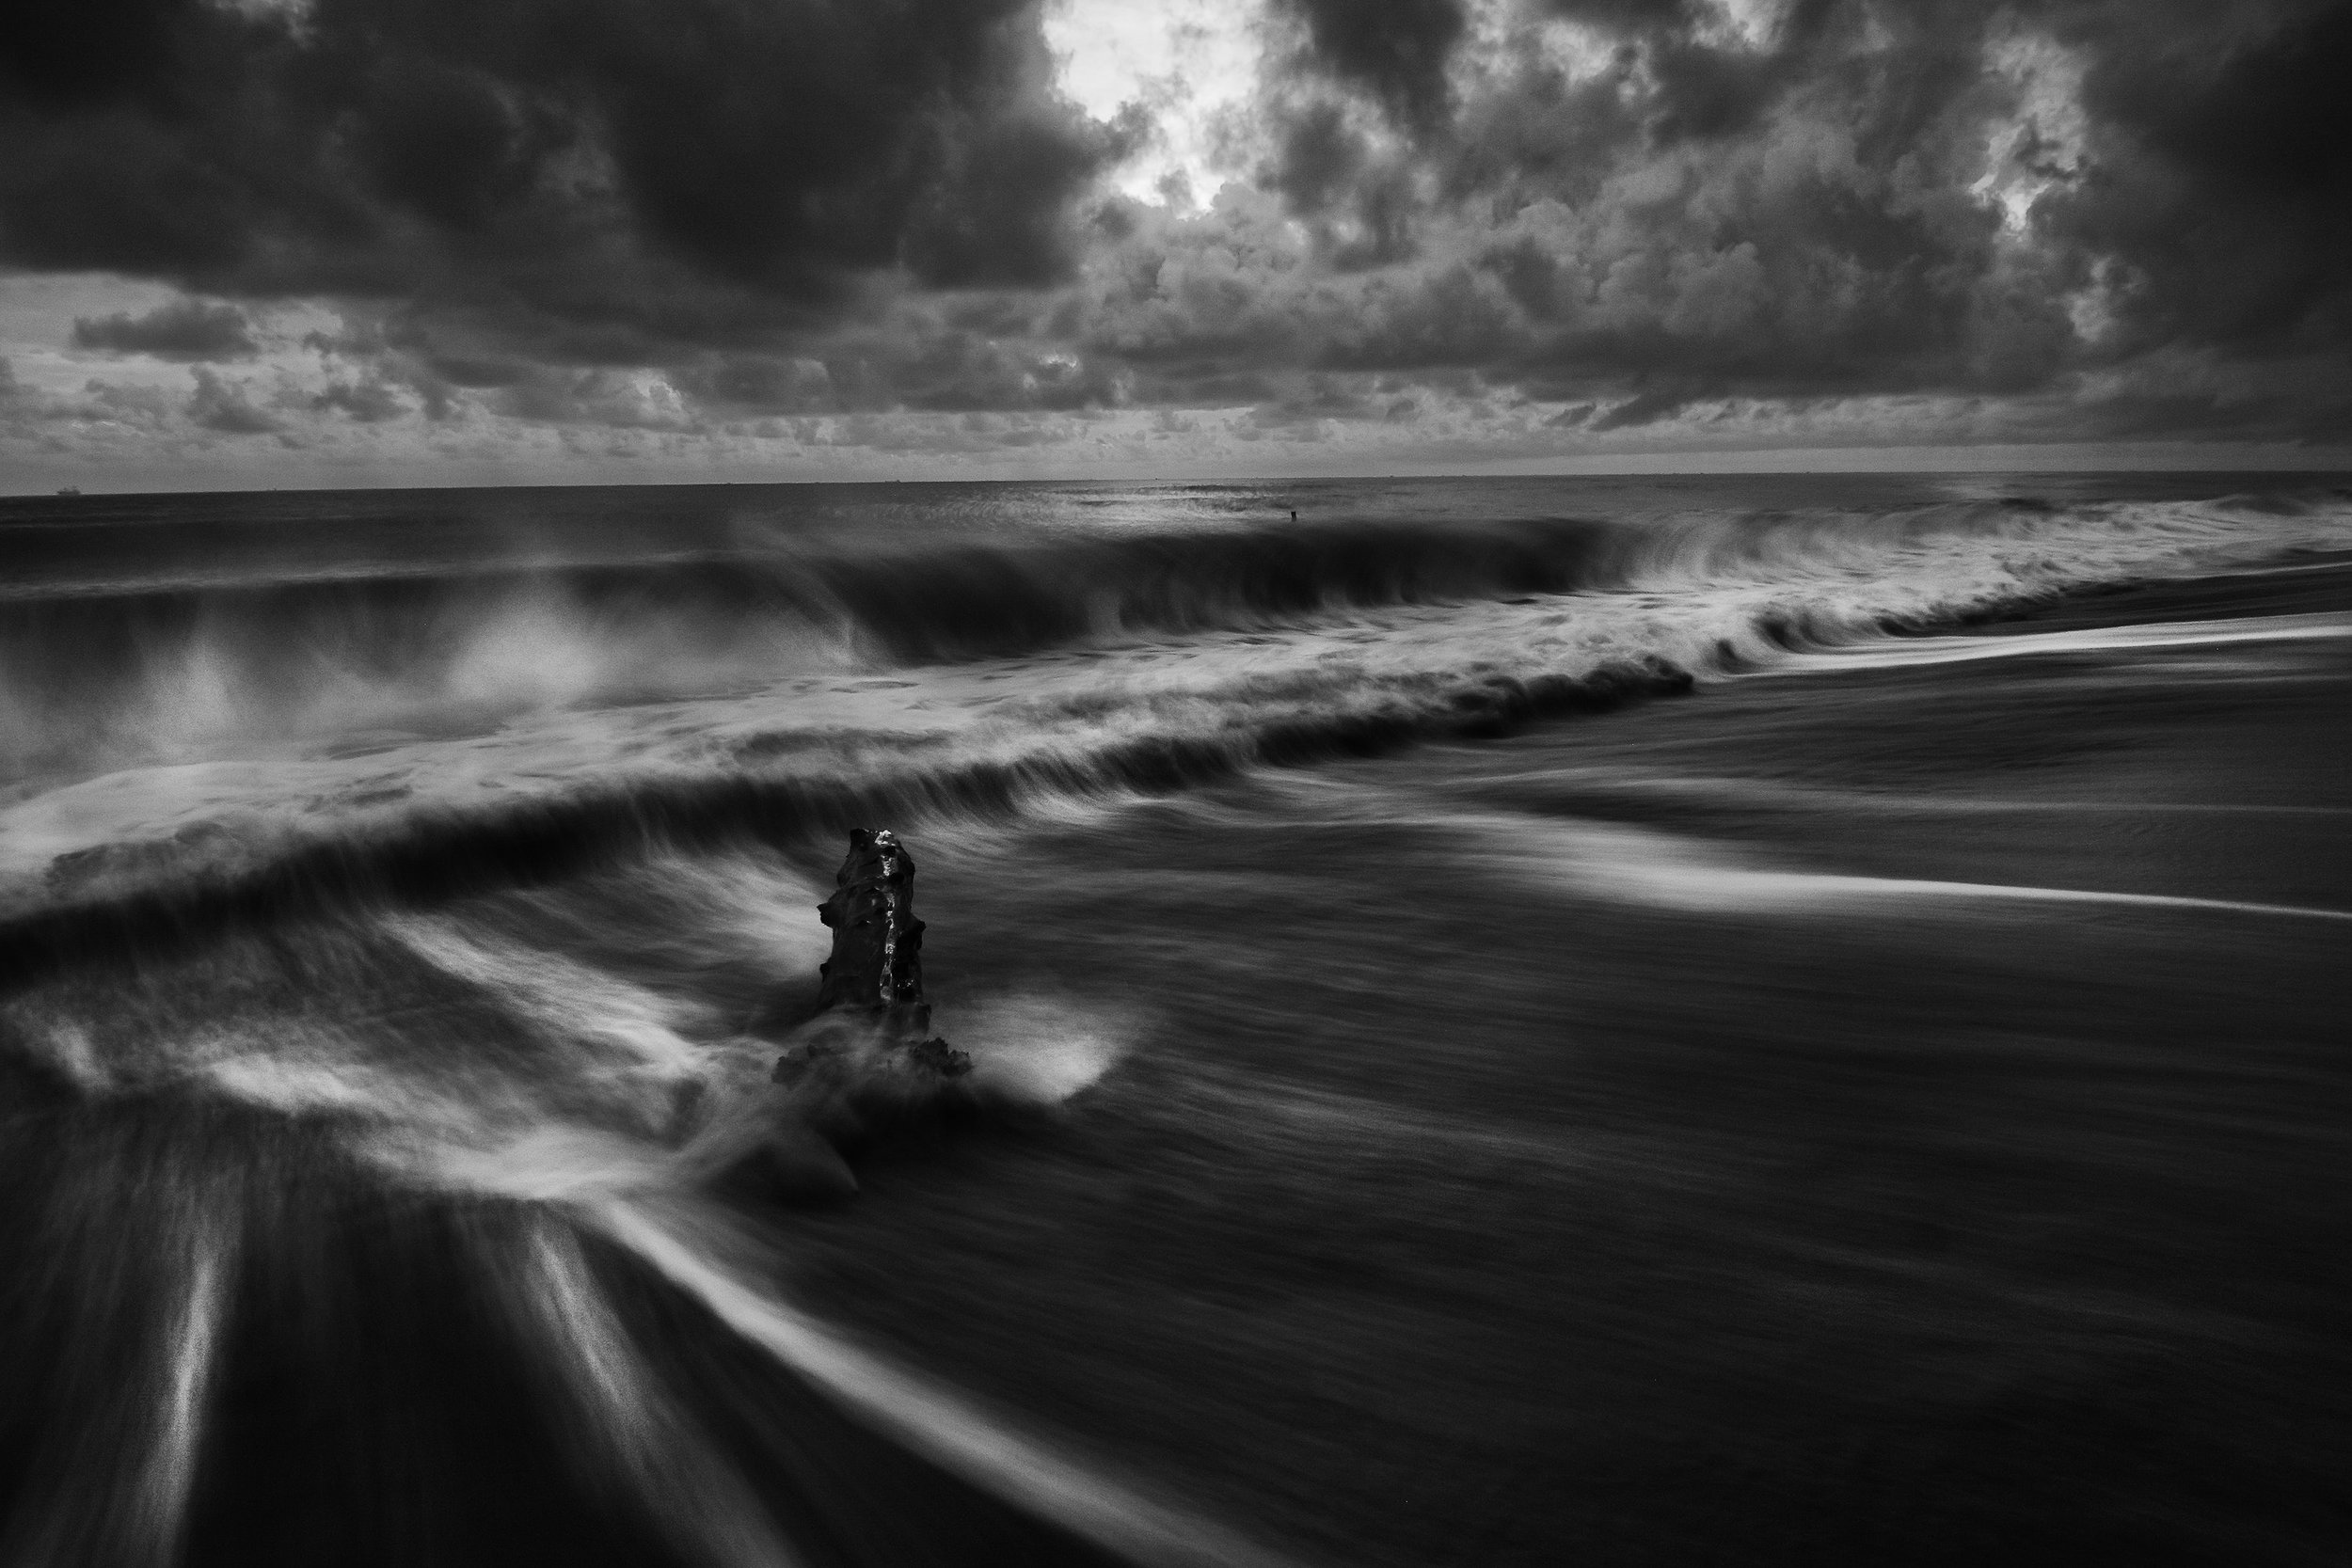 beach-black-and-white-cloudy-322592.jpg